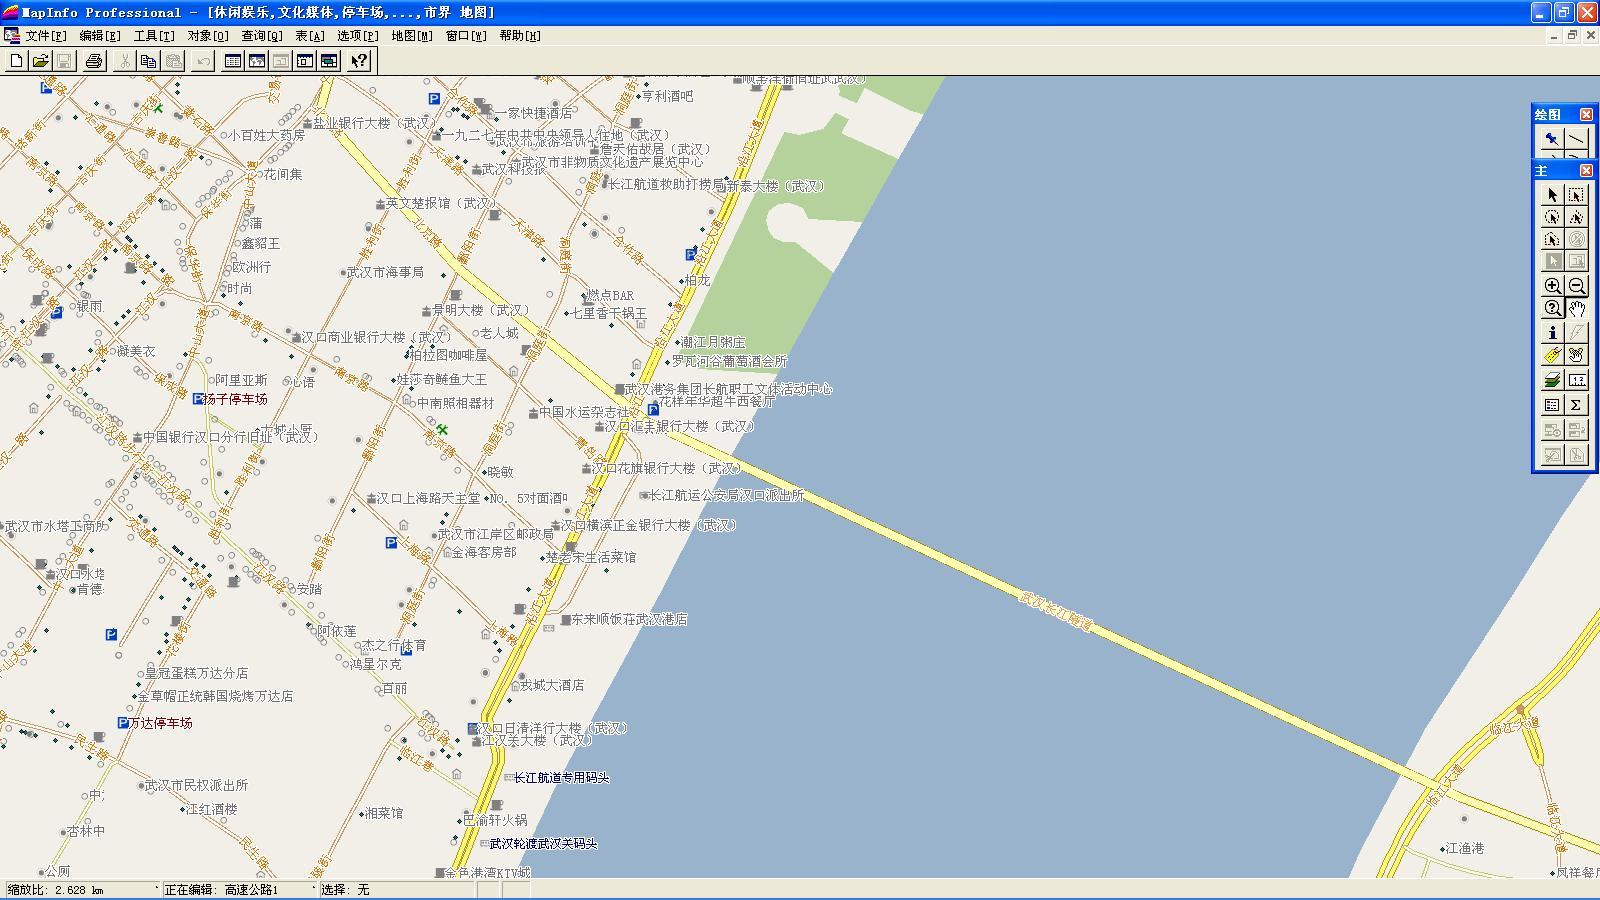 武汉市_产品展示_gps电子地图_gis电子地图_mapinfo图片